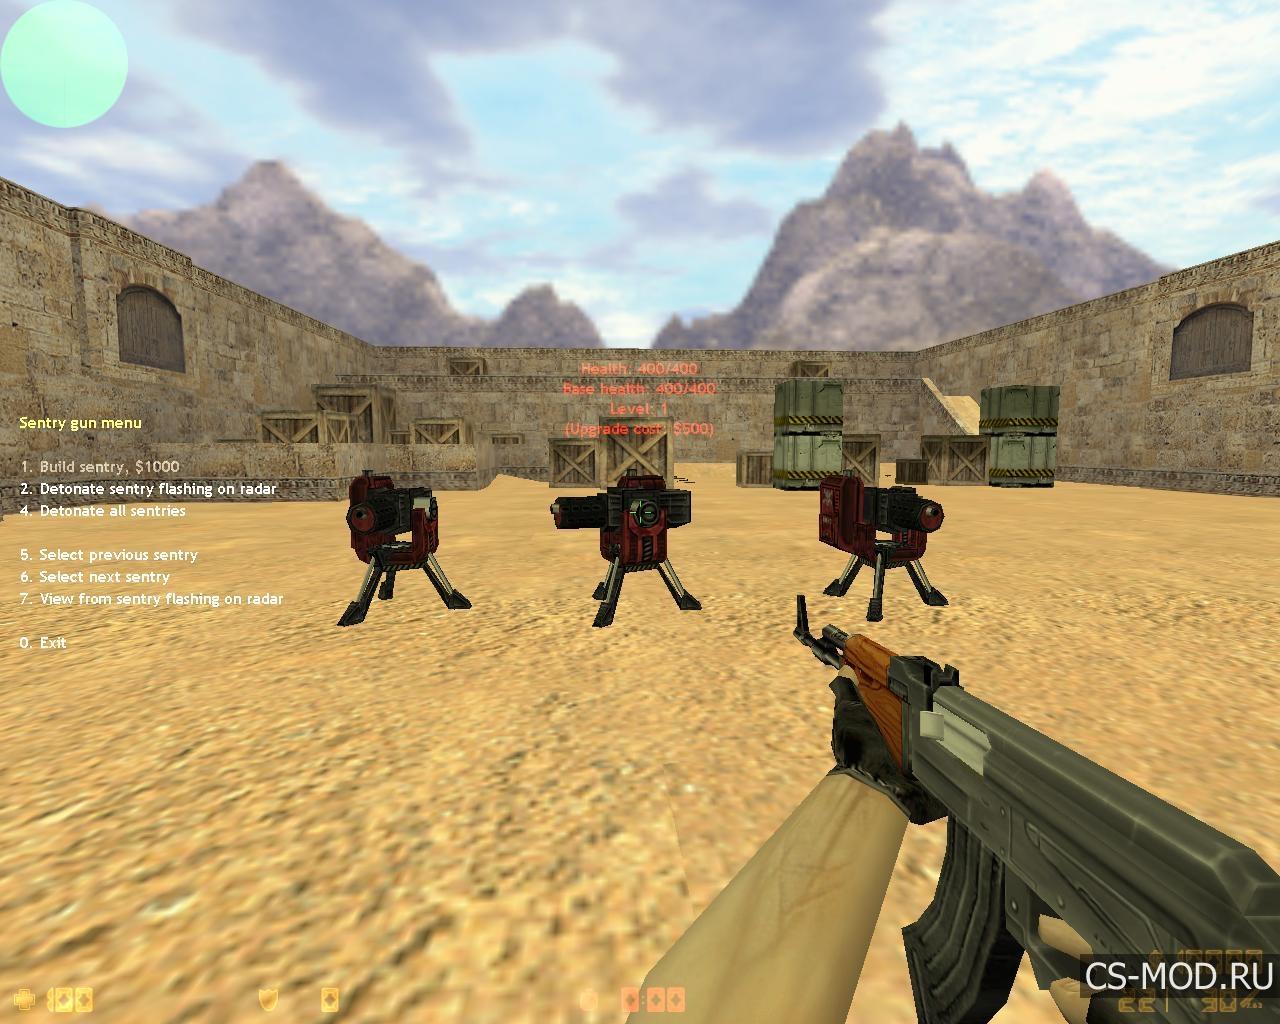 Скачать Сервер Cs 1.6 с Пушками